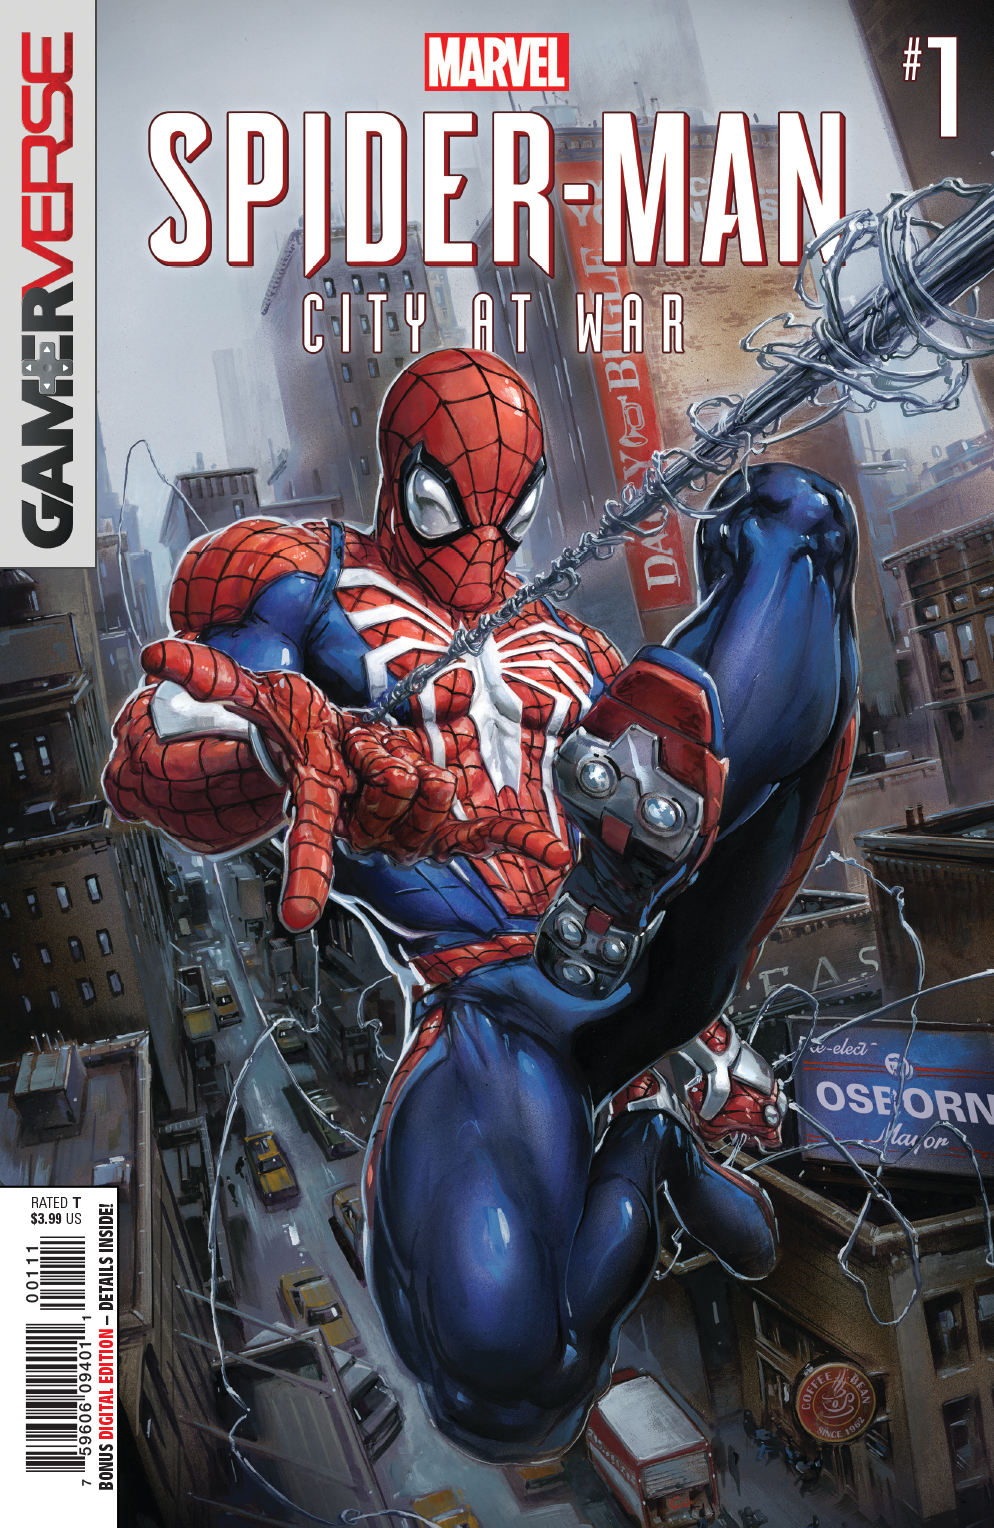 MARVELS SPIDER-MAN CITY AT WAR #1 (OF 6)